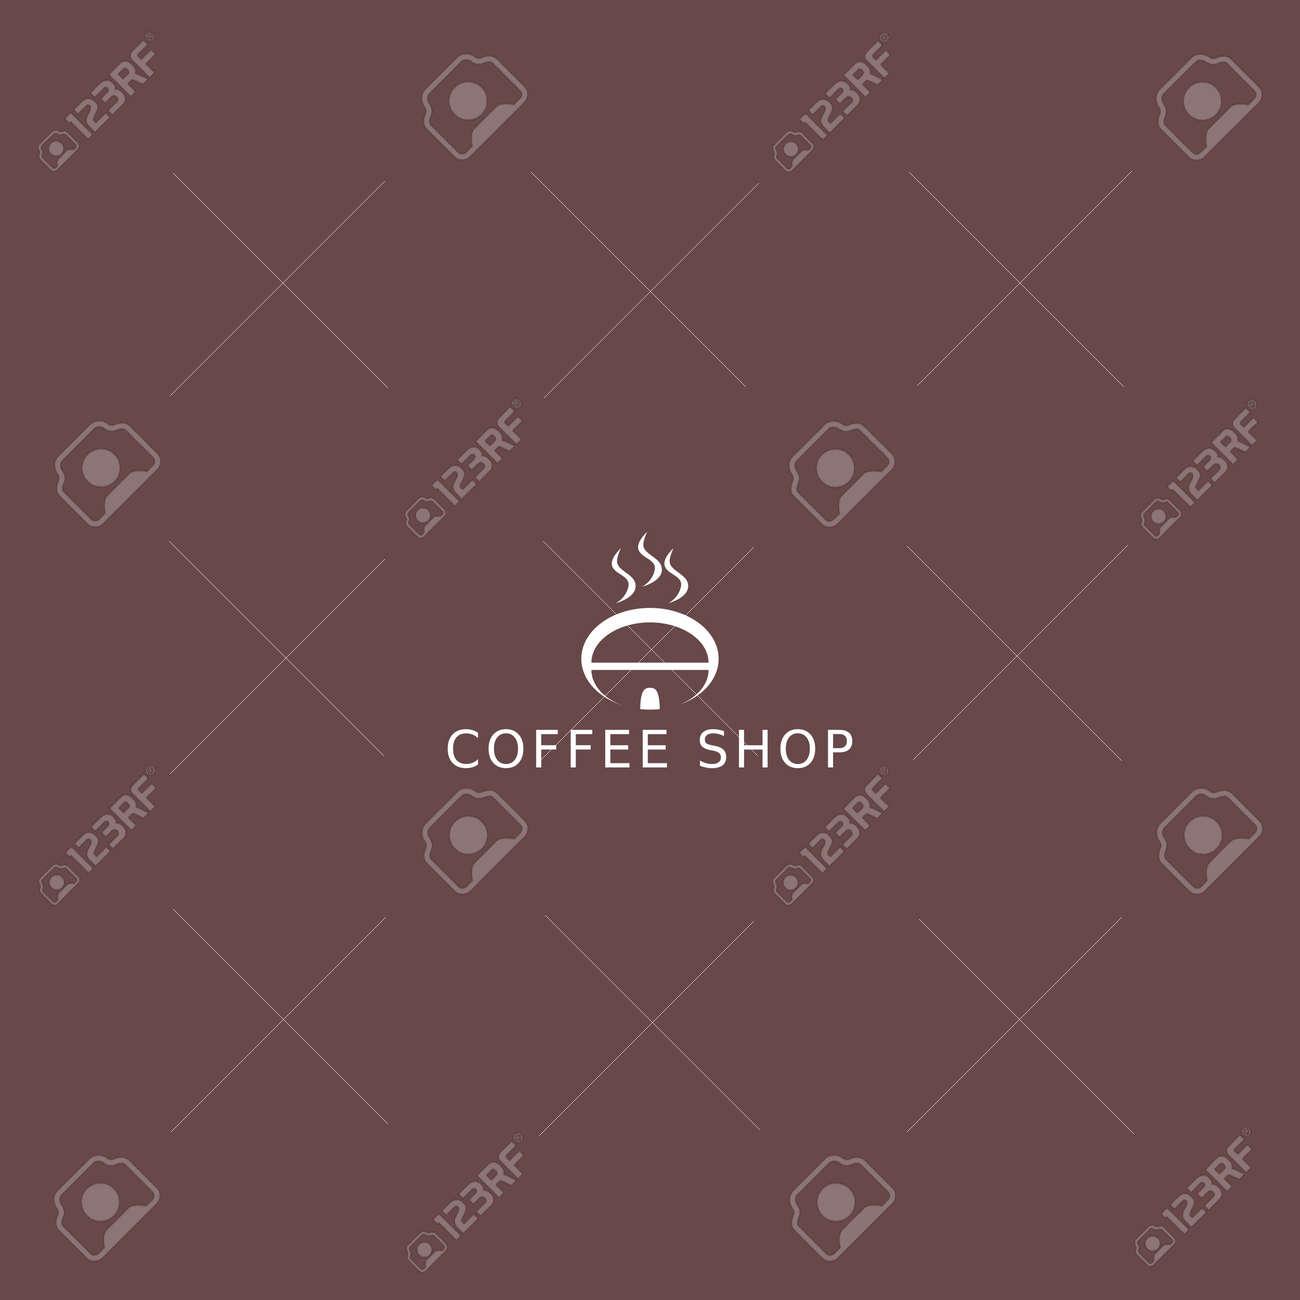 Coffee Shop Logo Simple Natural Home Logo Design Cafe Or Restaurant Logo Coffee And Tea Shop For Business Ilustraciones Vectoriales Clip Art Vectorizado Libre De Derechos Image 153250986